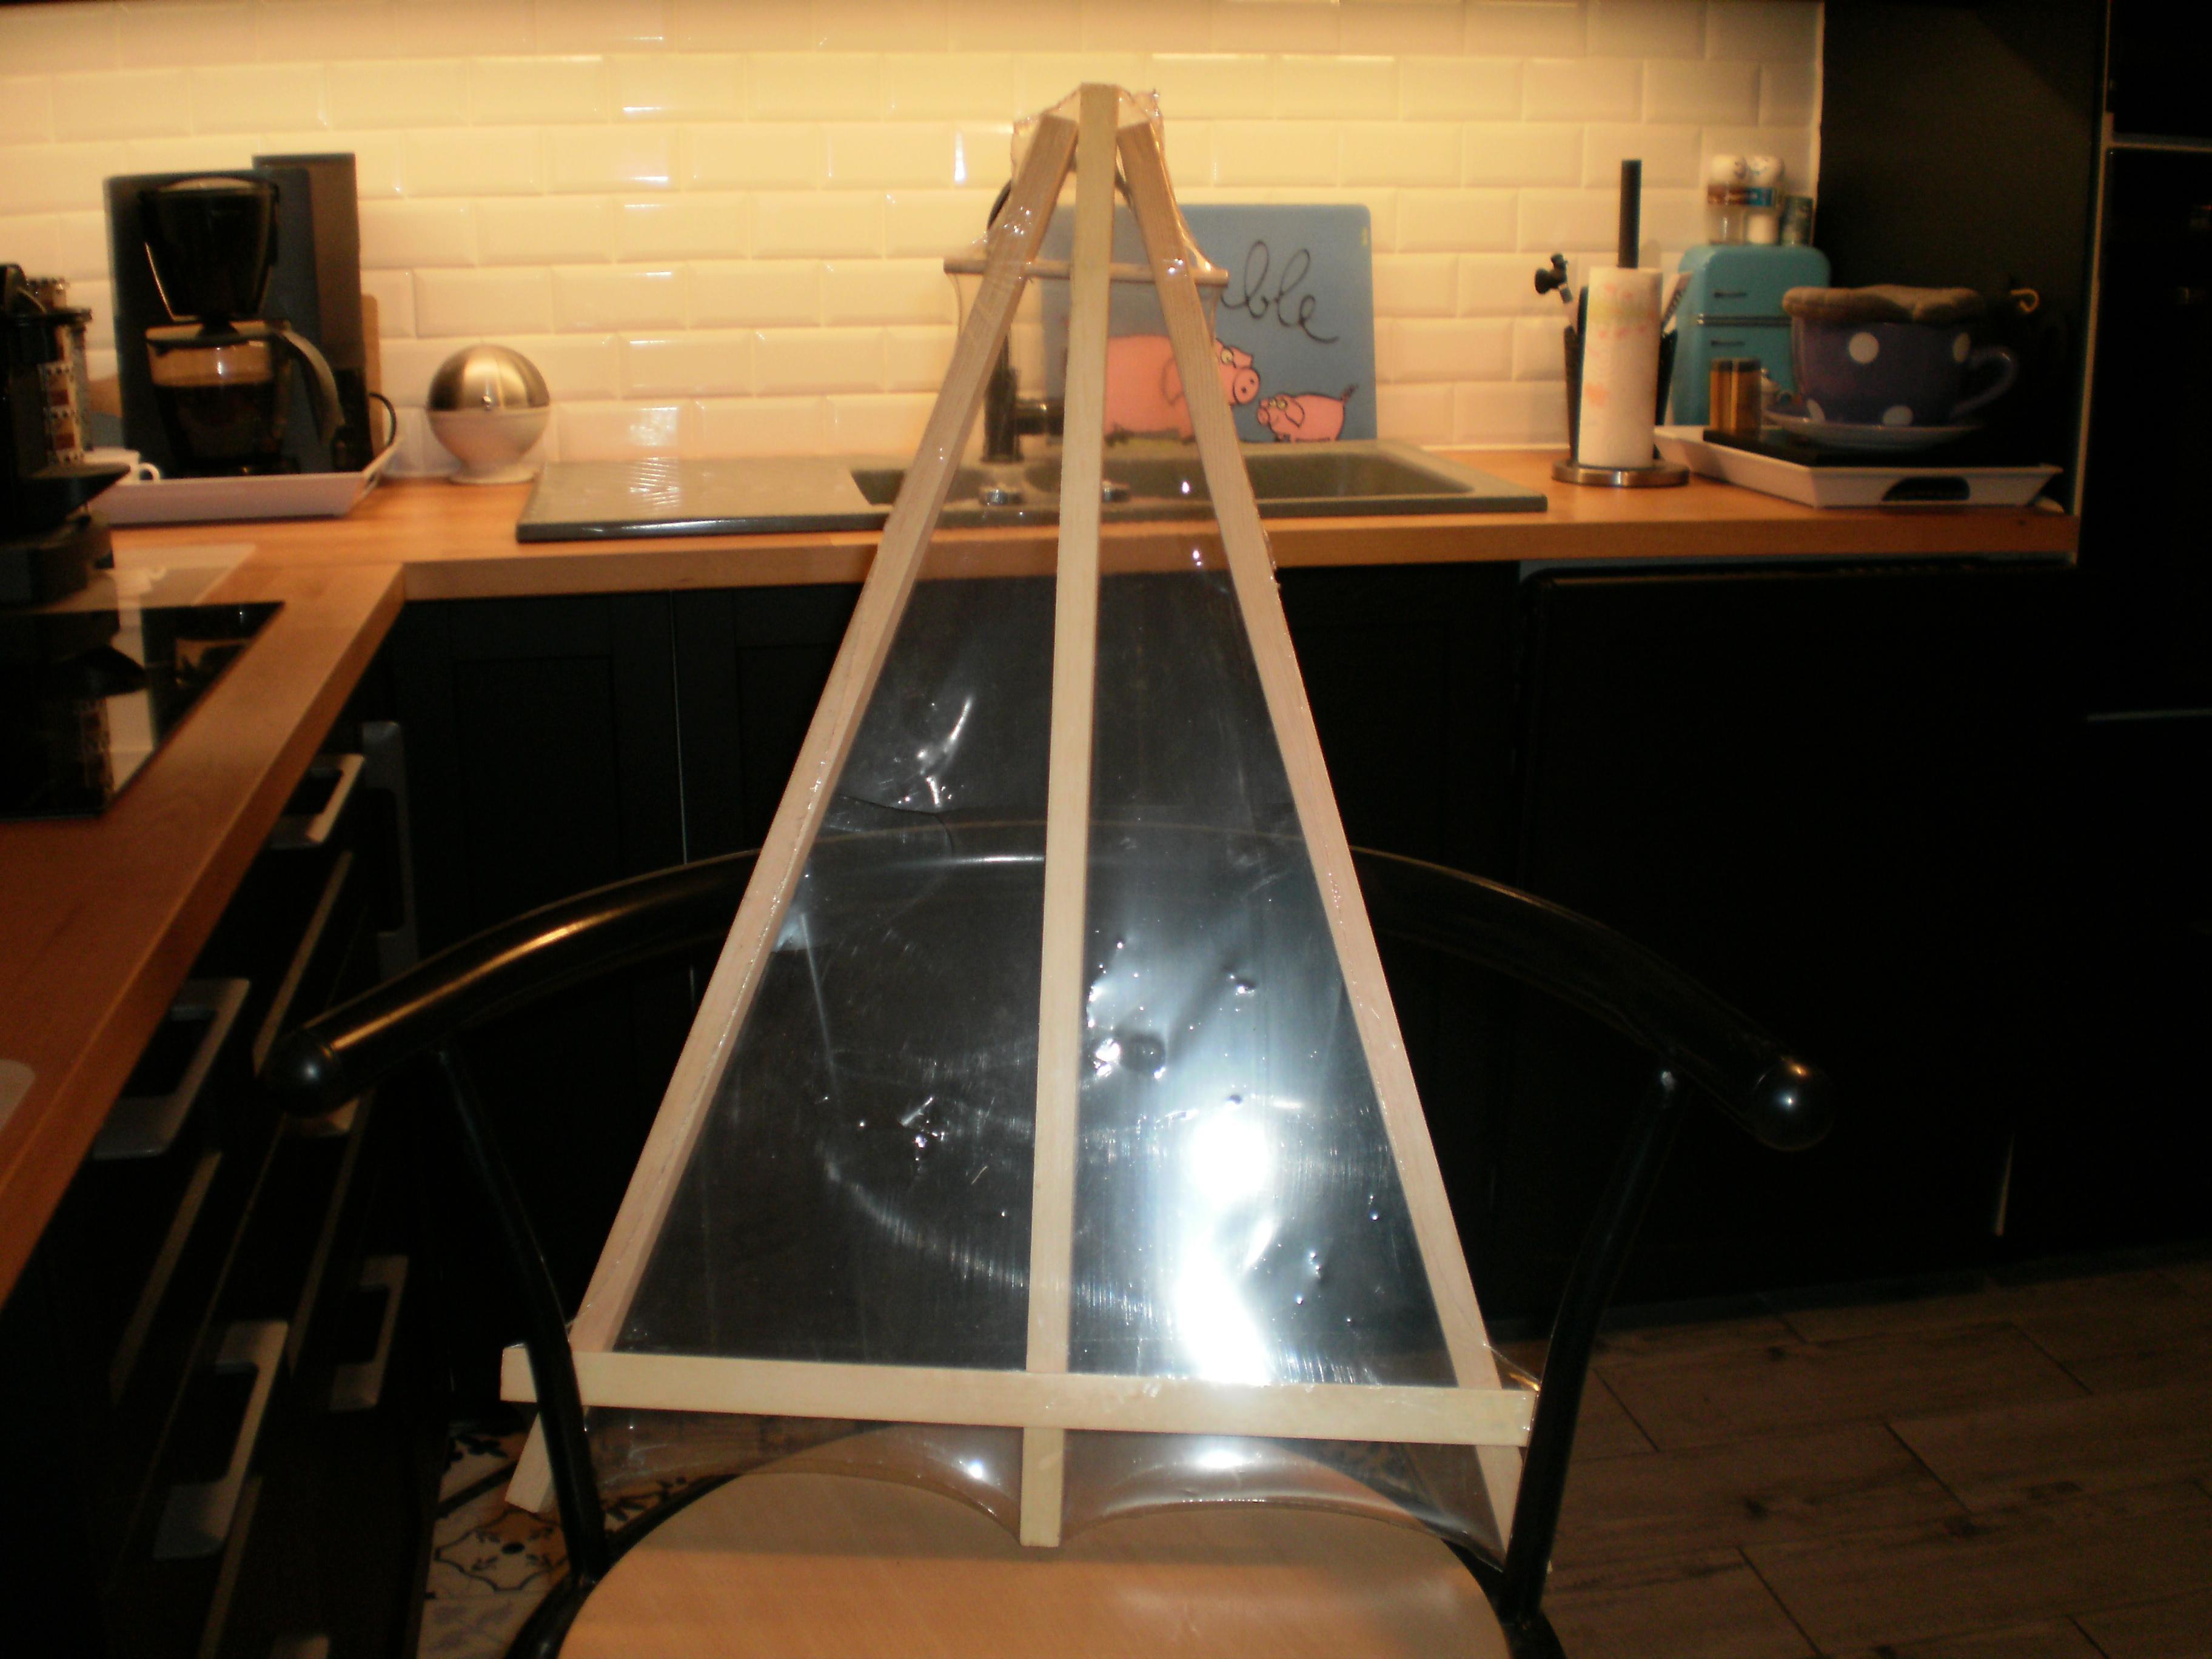 troc de troc réservé,grd chevalet 60x42 cms nf ss cello image 0